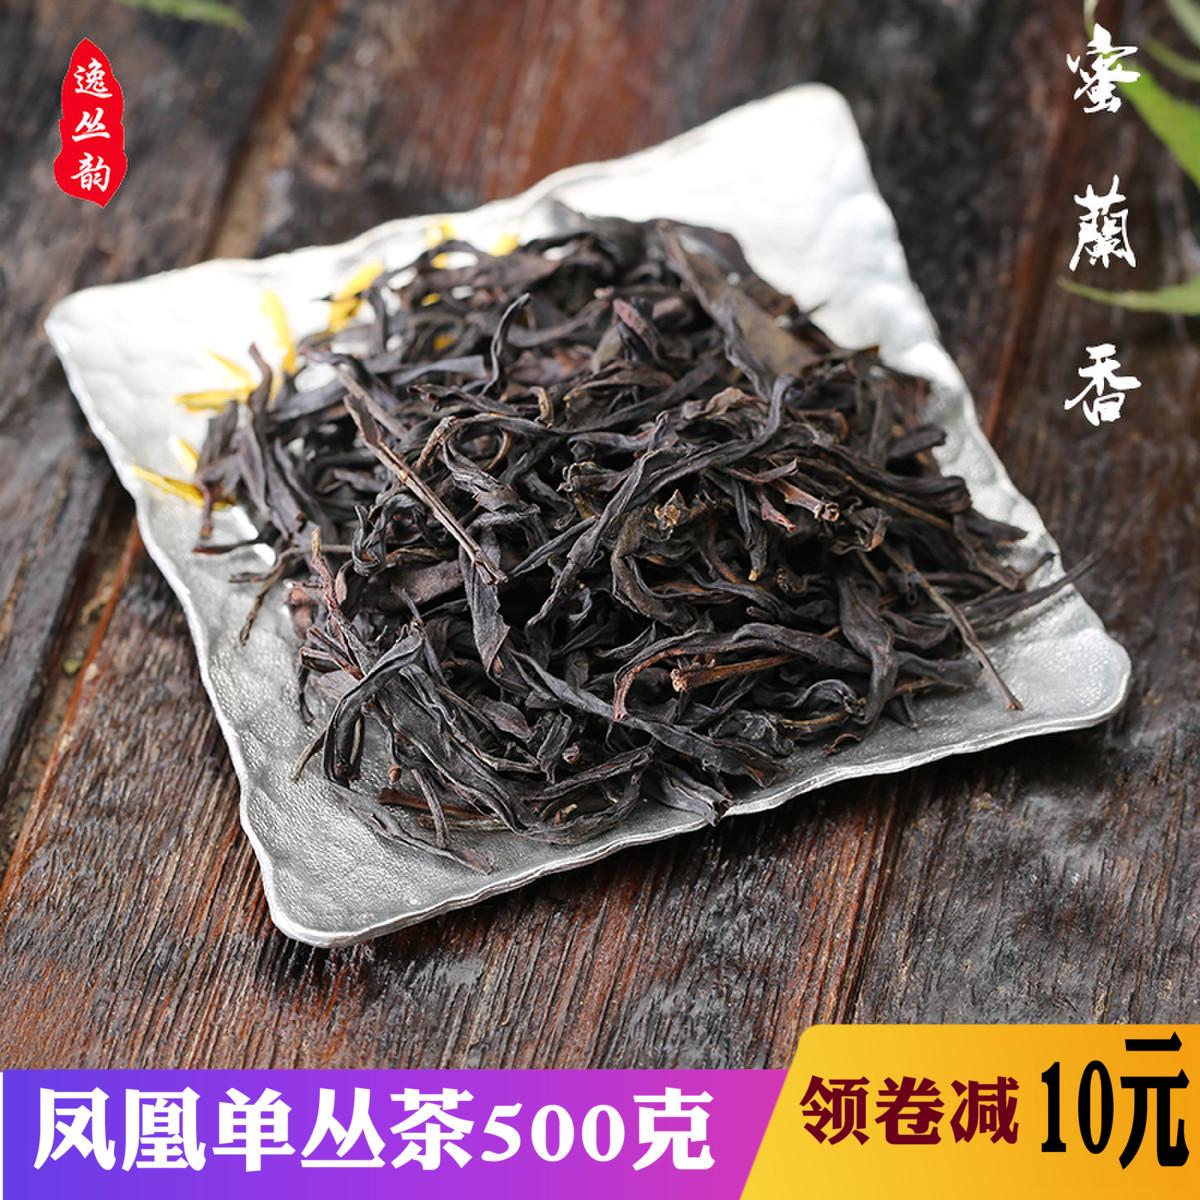 蜜兰香 潮州凤凰高山单枞茶特级赤叶500克浓香型春茶礼盒罐装新品